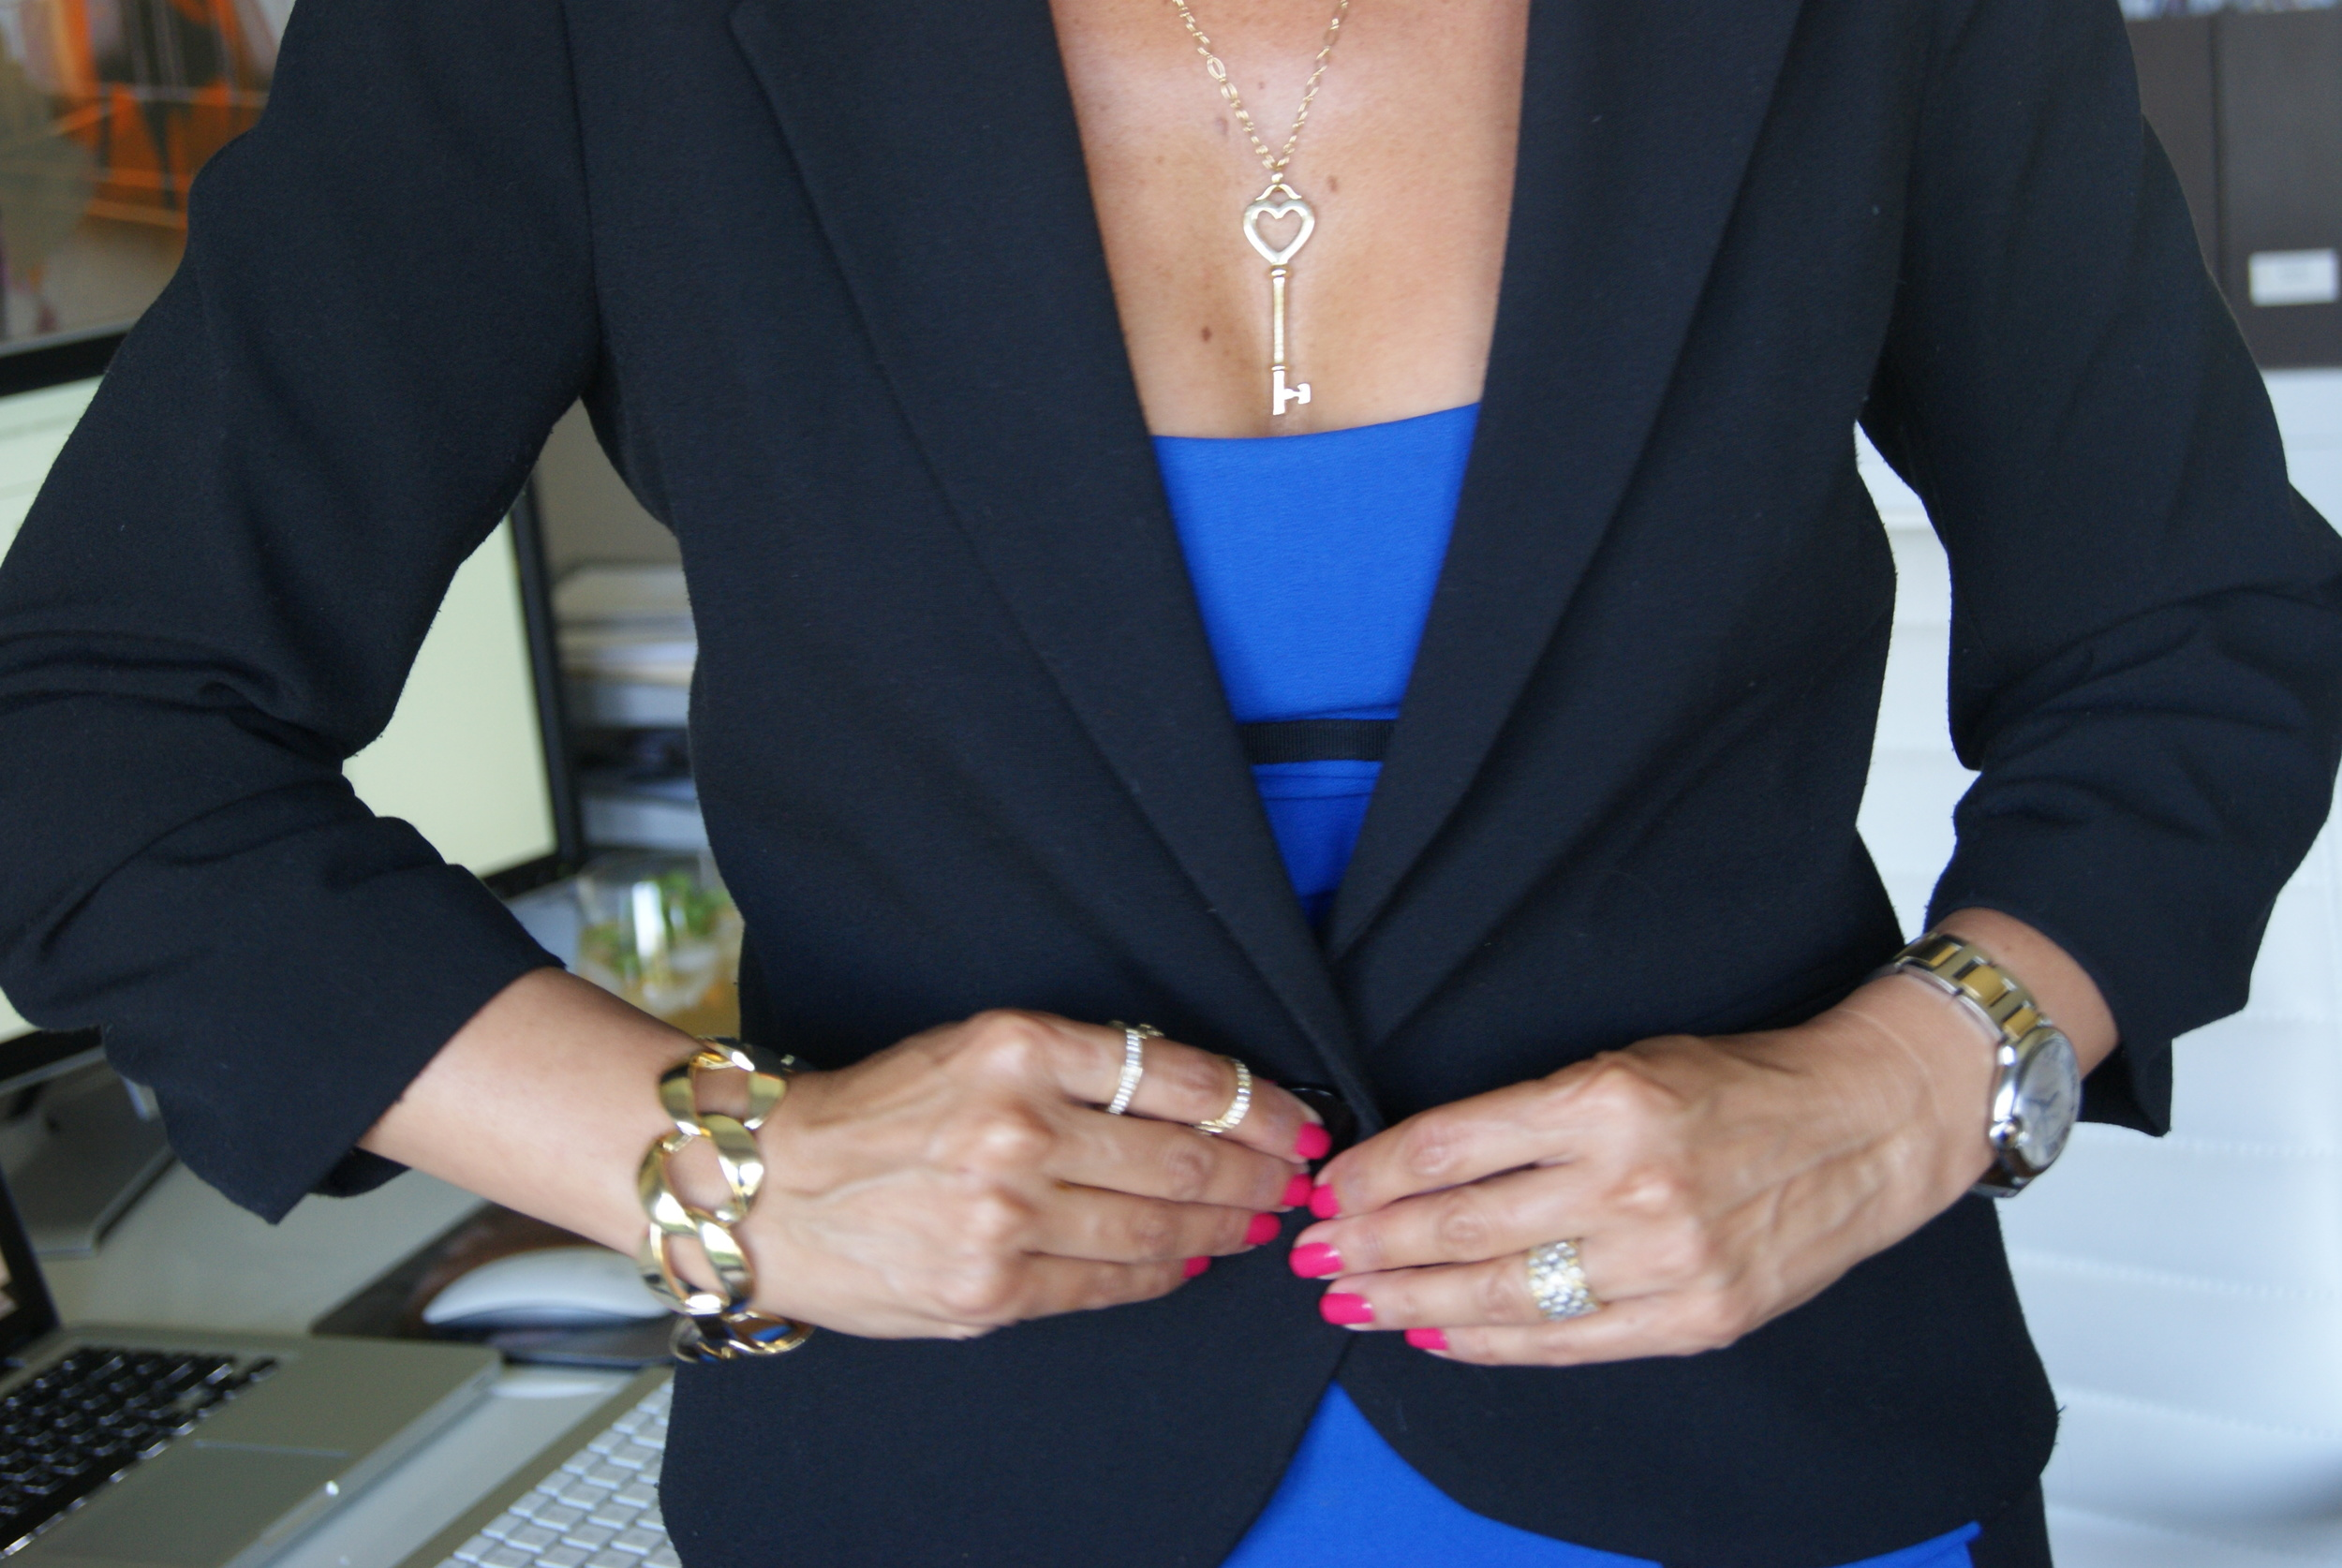 Gold Key Heart Necklace by Tiffany & Co. ,  Watch is Ballon Bleu de Cartier , Bracelet by  Jennifer Millerjewelry ,Rings,  Lori Wilkins Immerman  and a find in a Santa Monica boutique.